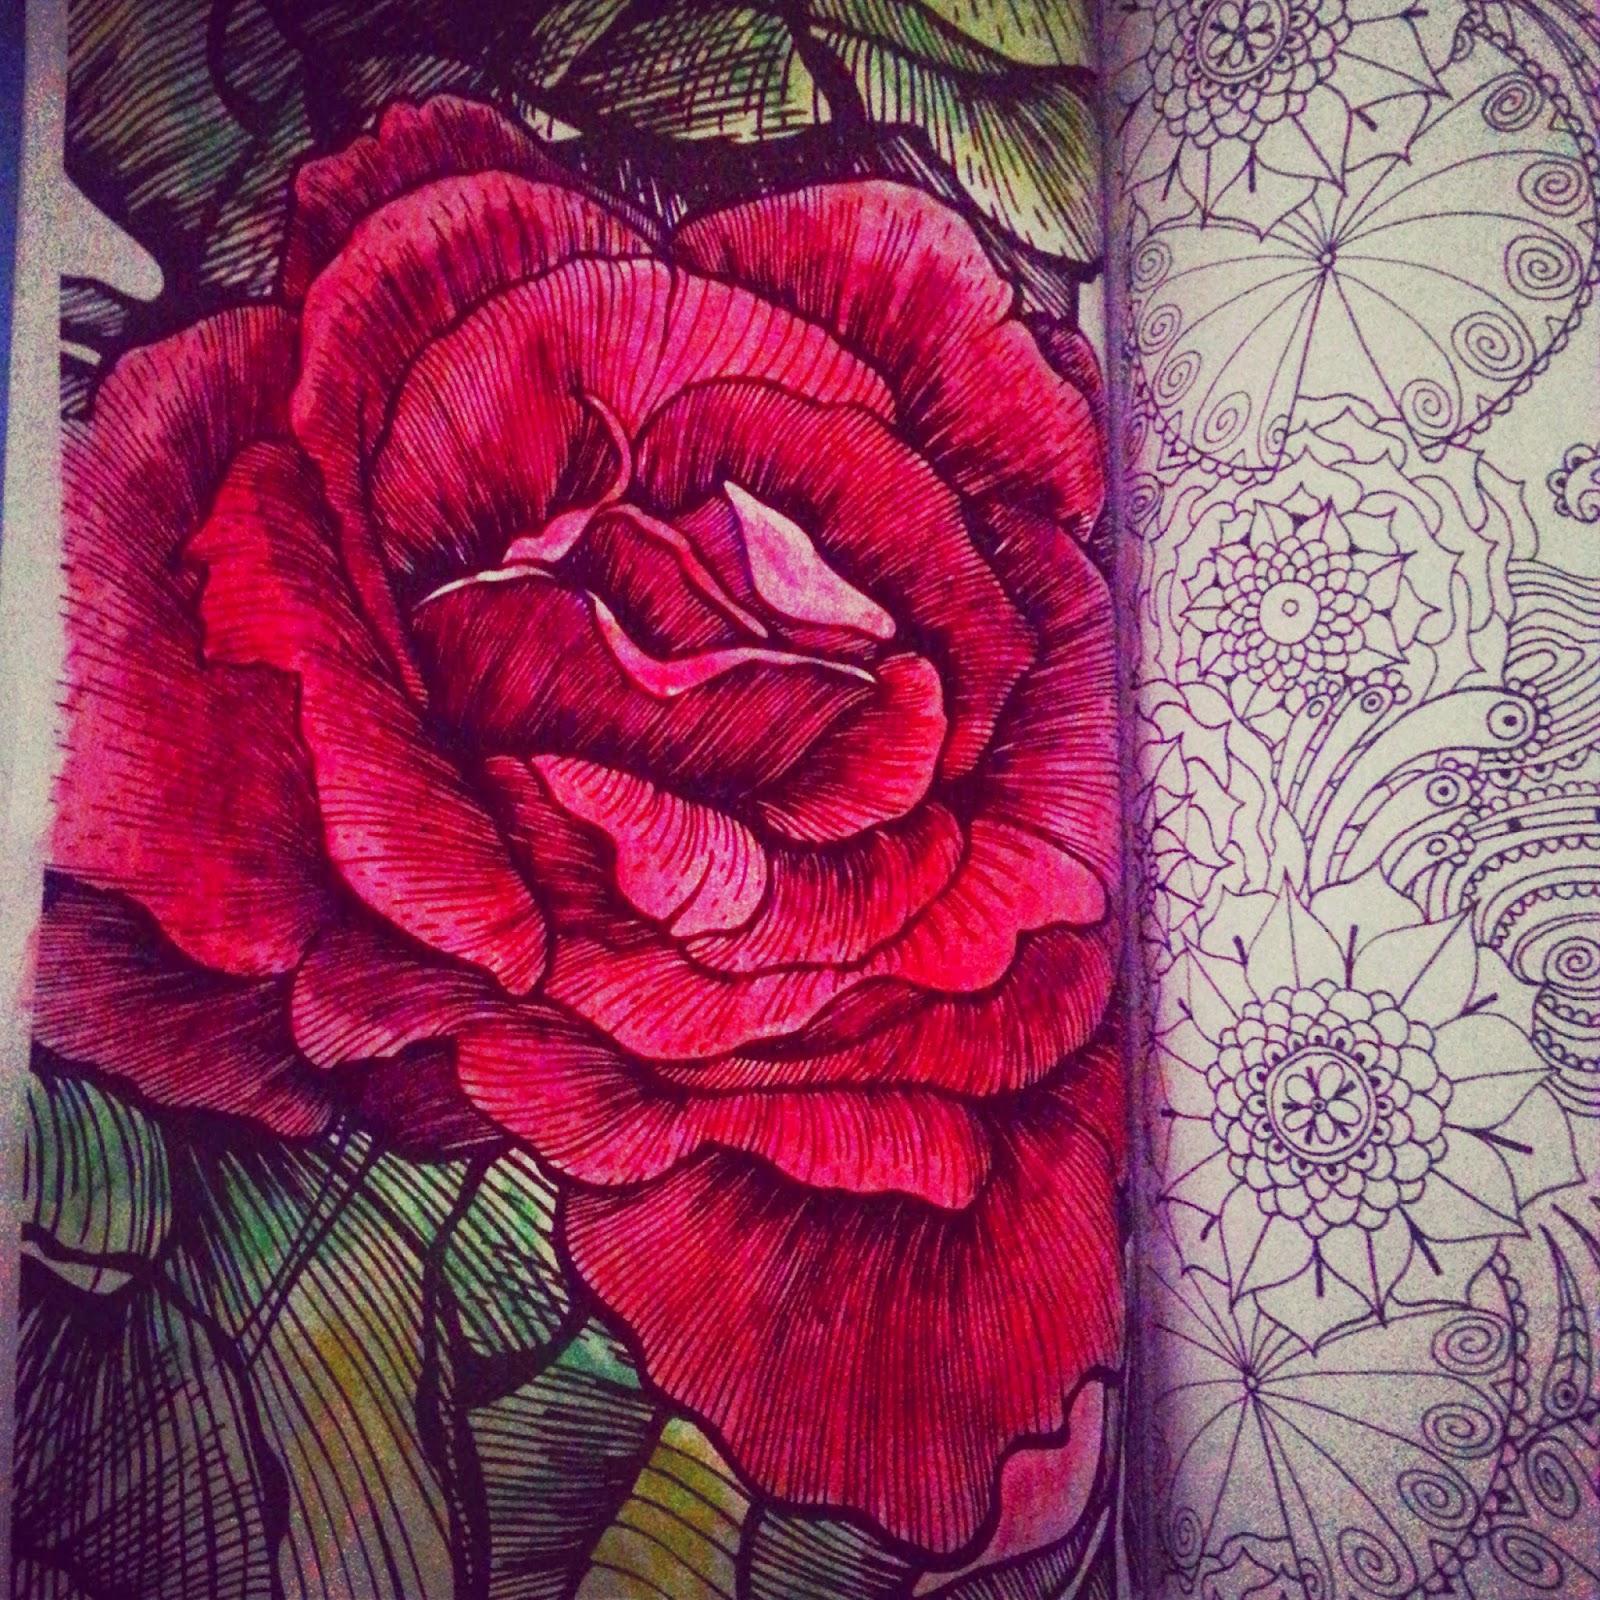 Imagenes y fotos: Dibujos de Flores para Colorear, parte 1 - imagenes de flores para colorear grandes